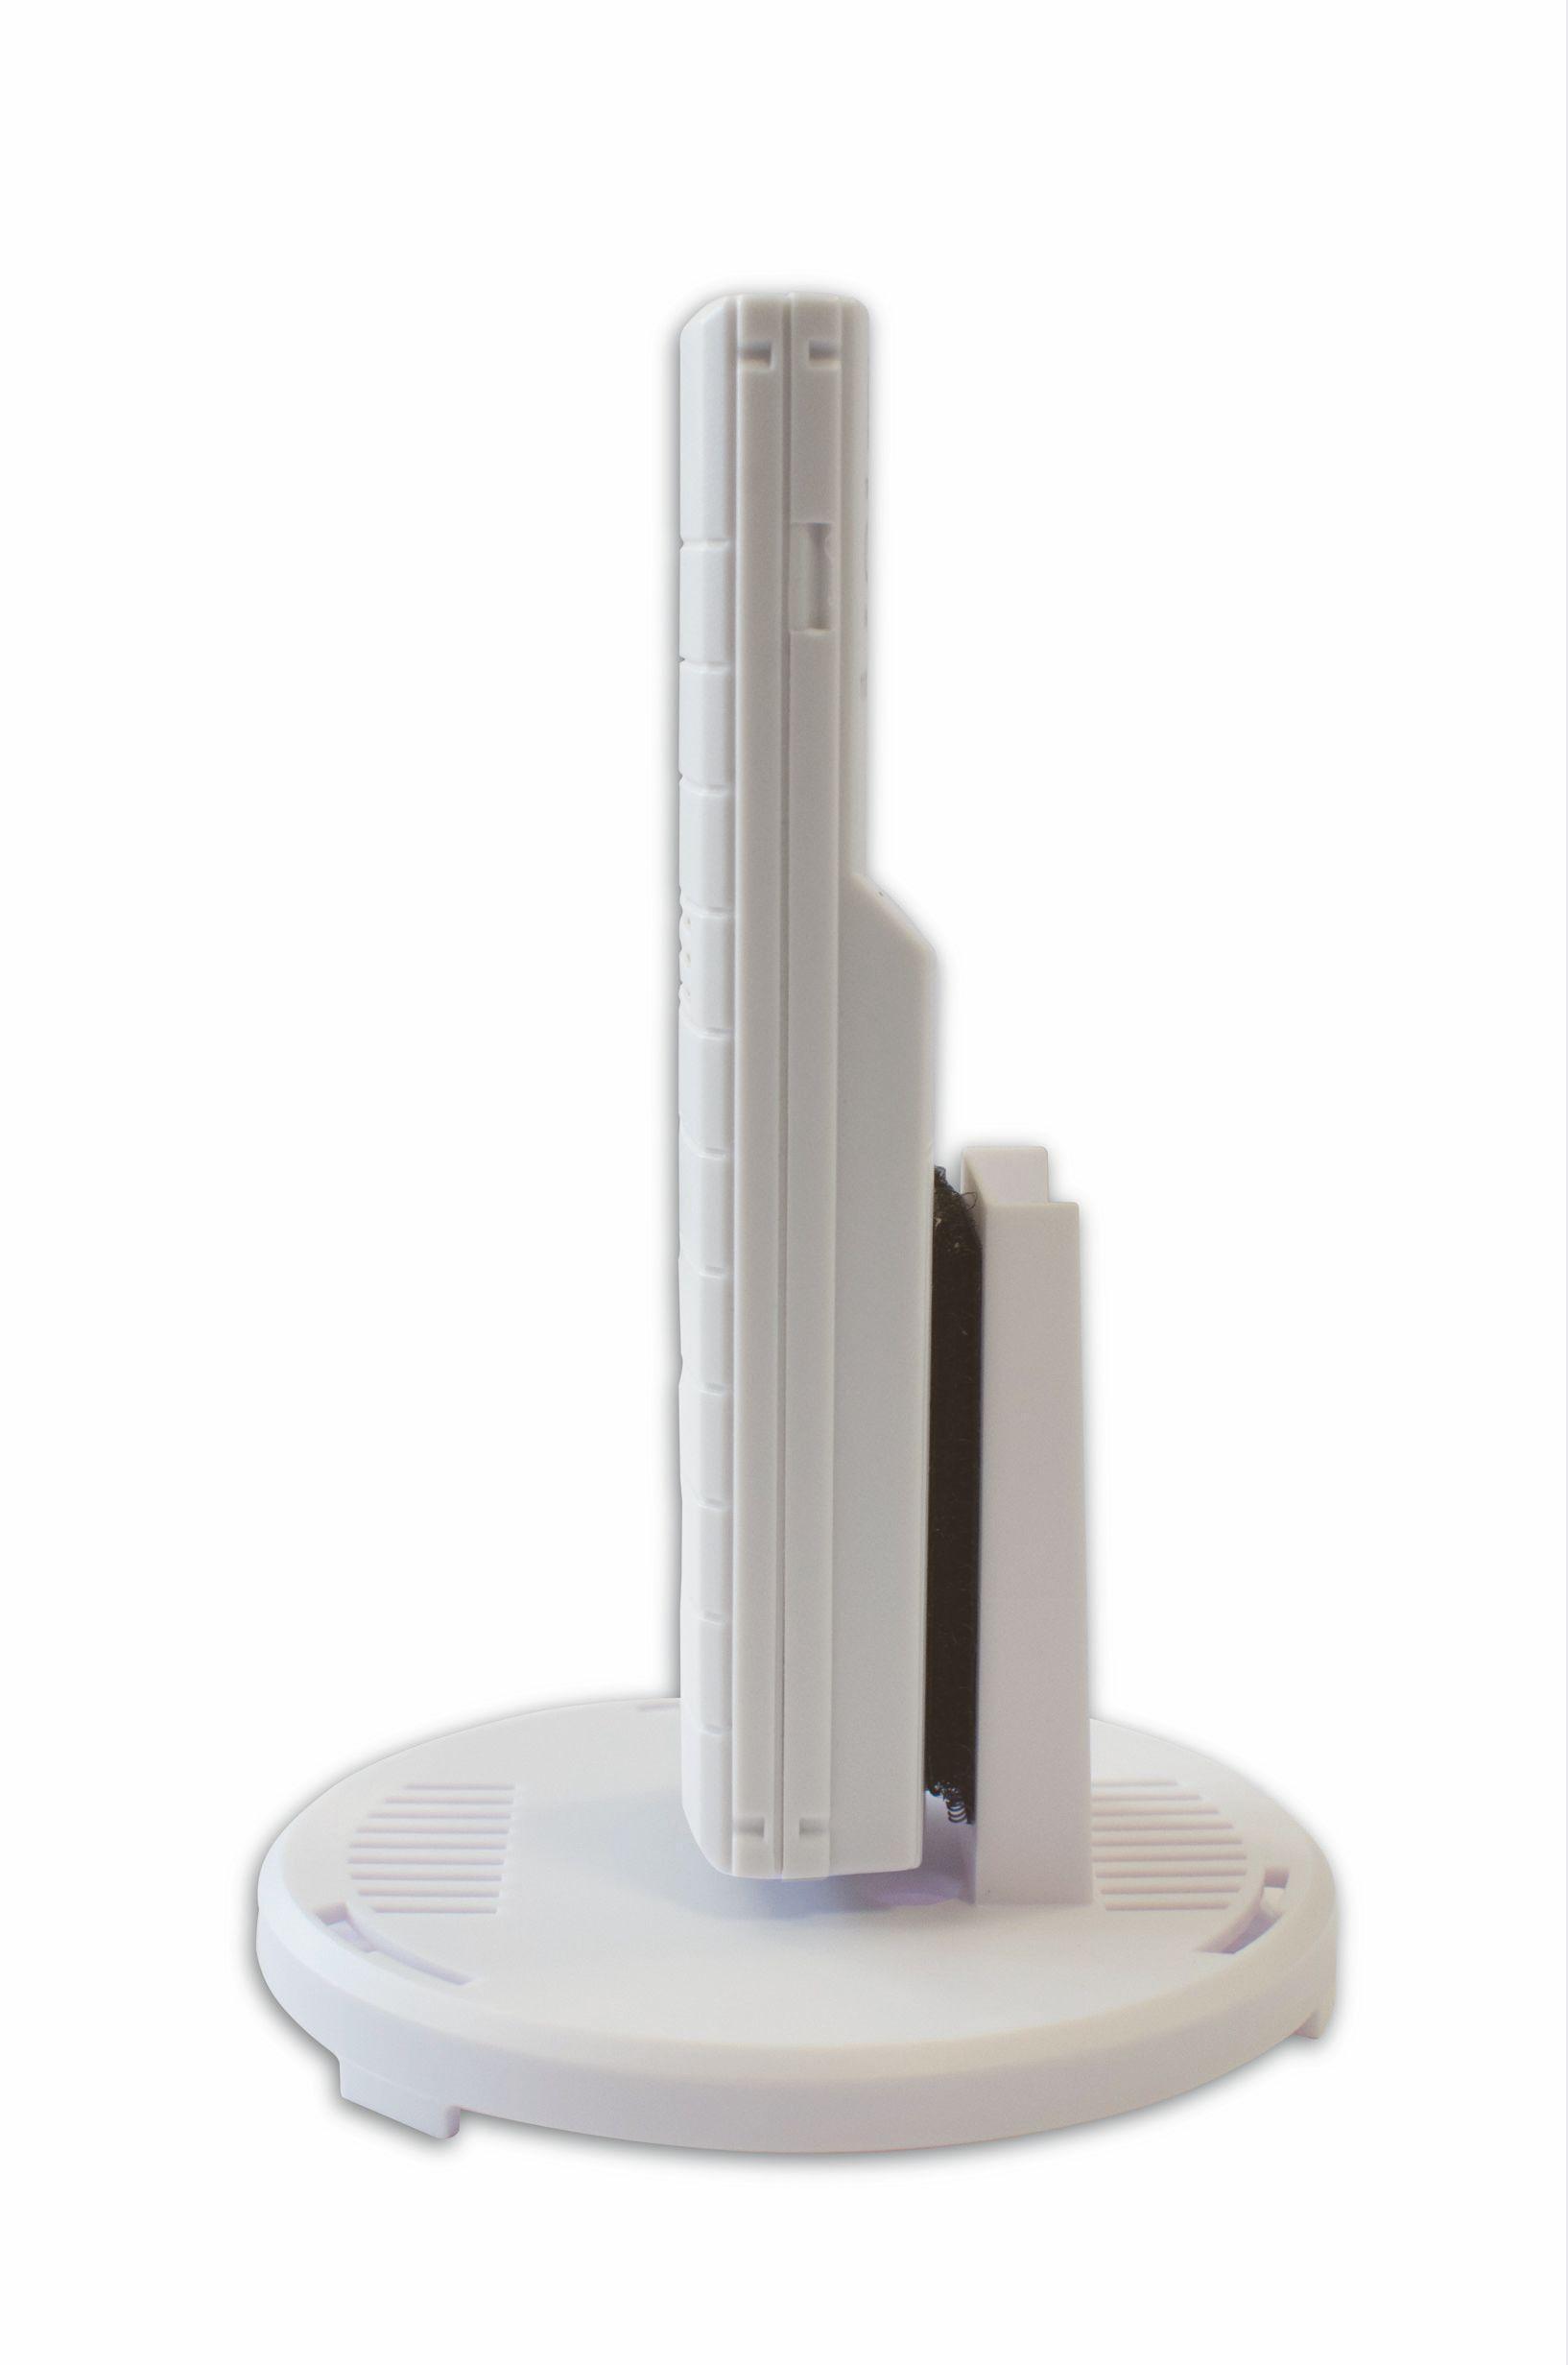 Radiační štít pasivní - malý TFA 98.1114.02